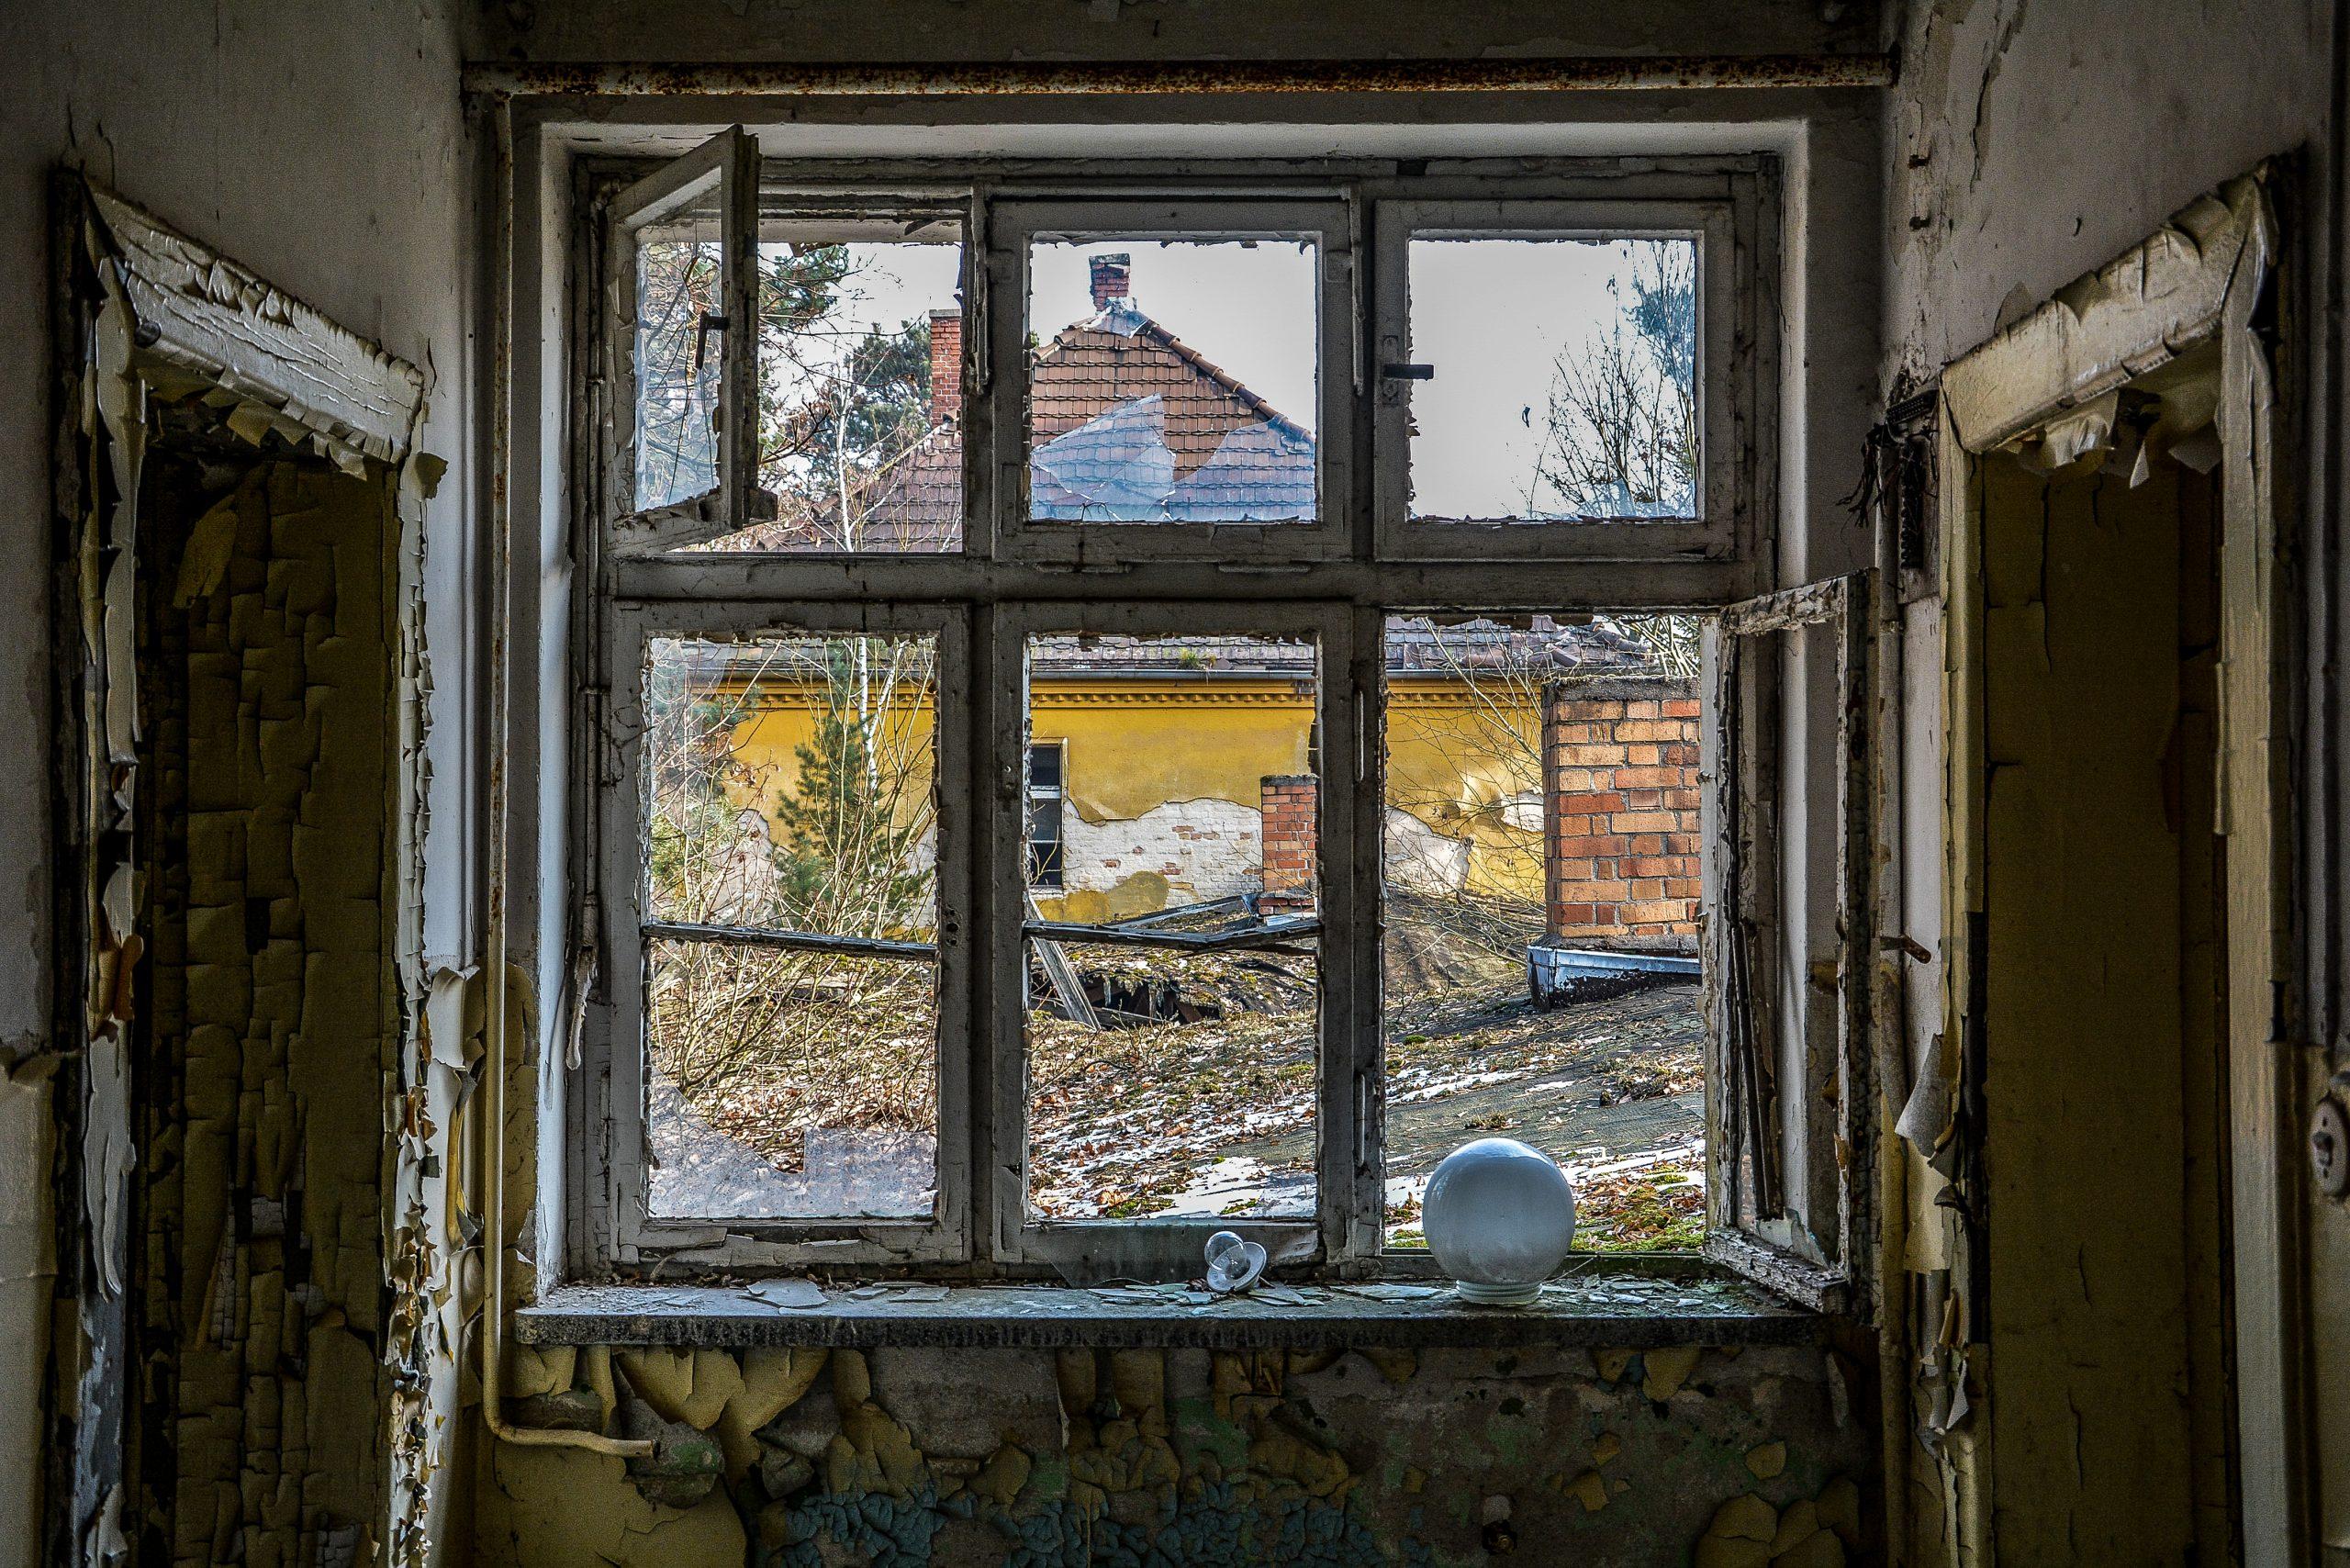 broken window soviet lampshade forst zinna adolf hitler lager luckenwalde juterbog sowjet kaserne soviet military barracks germany lost places urbex abandoned